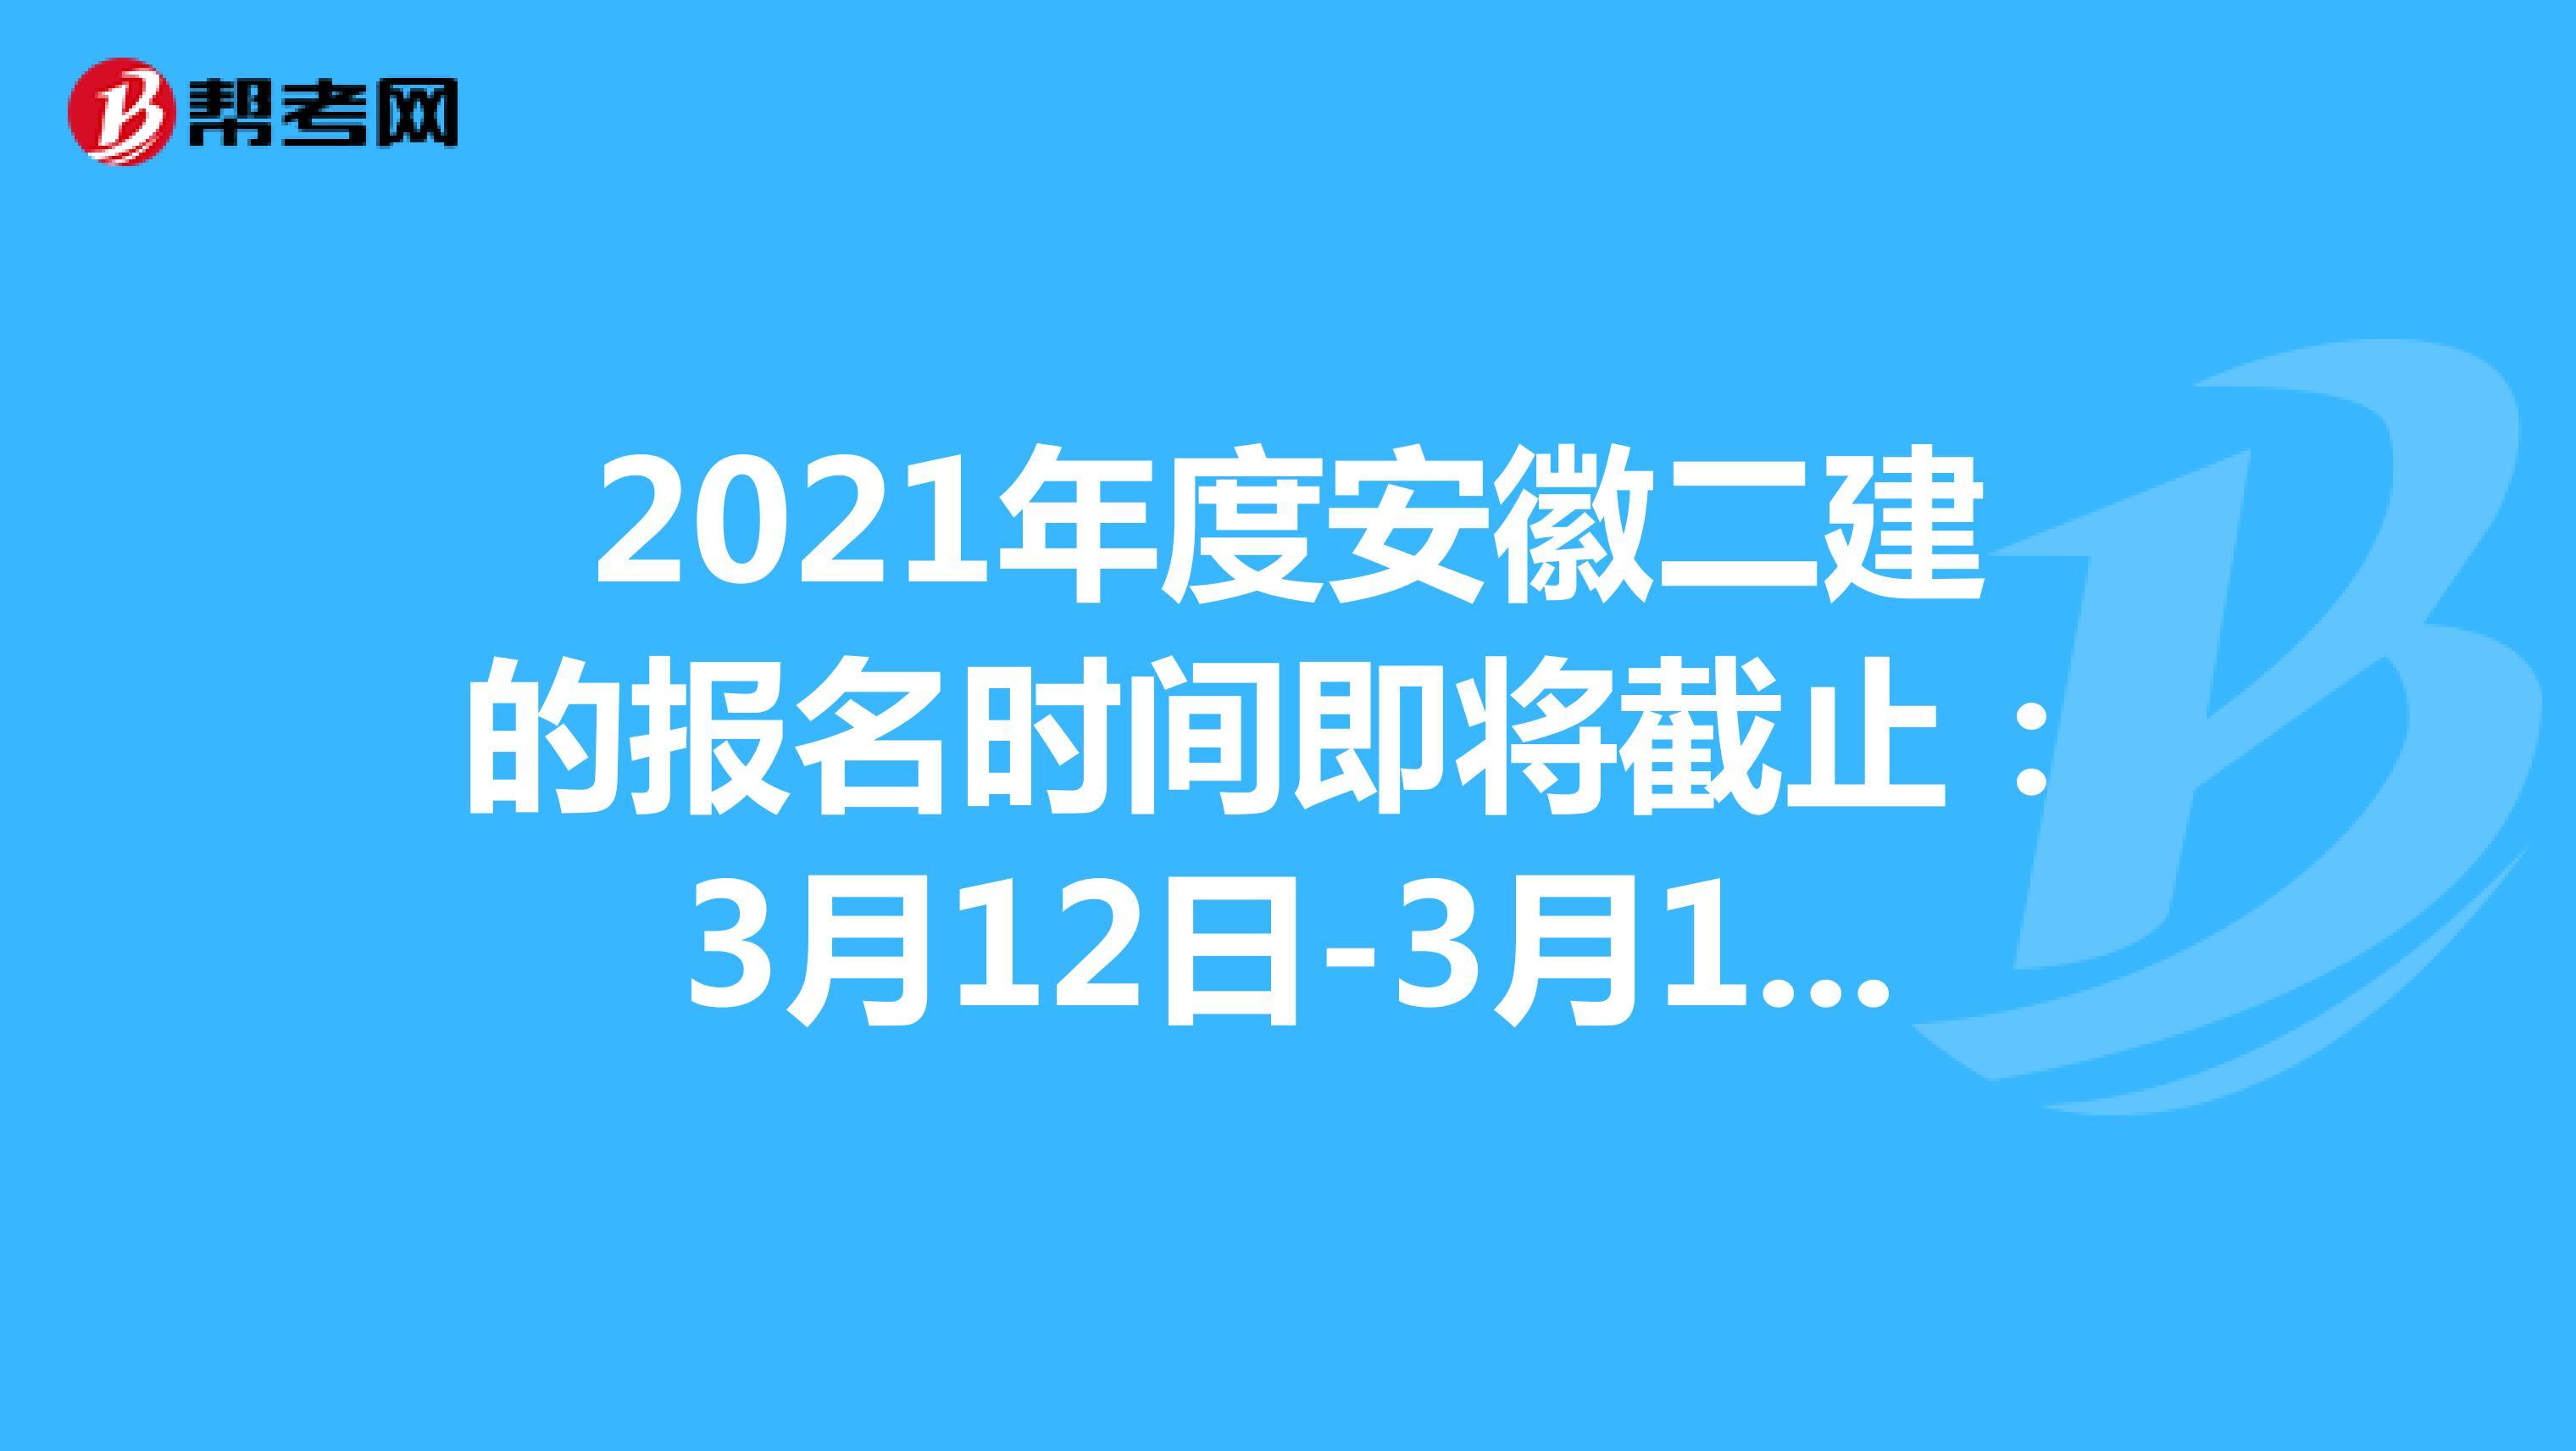 2021年度安徽二建的报名时间即将截止:3月12日-3月18日